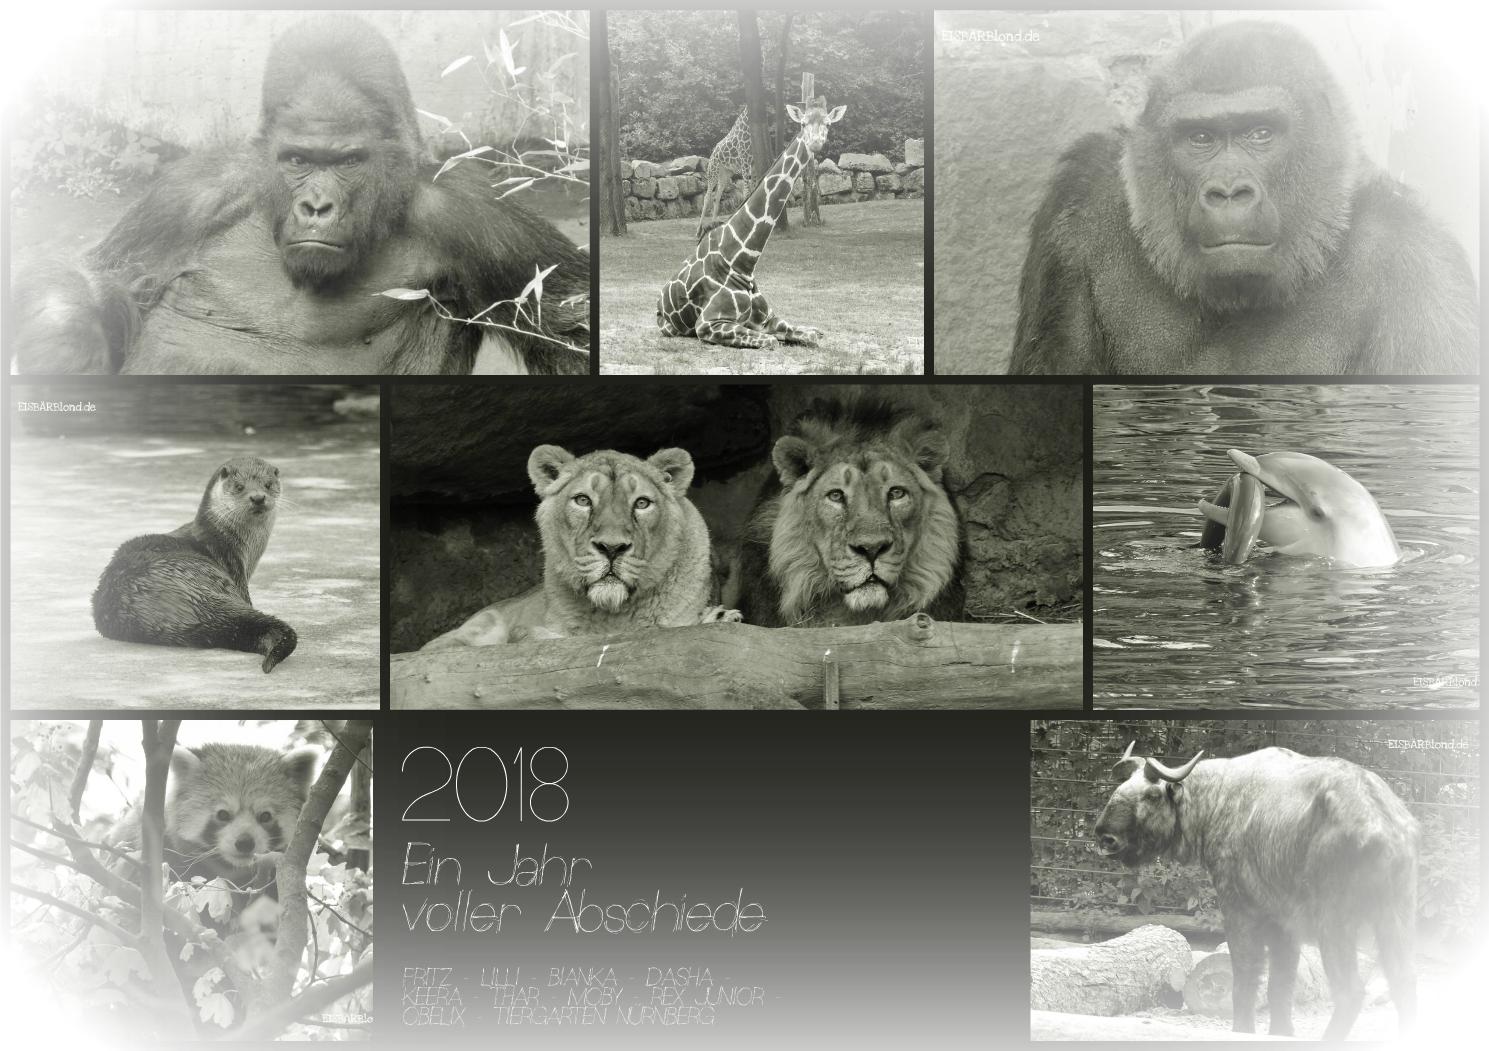 Abschiede - Tierische Persönlichkeiten im Tiergarten Nürnberg